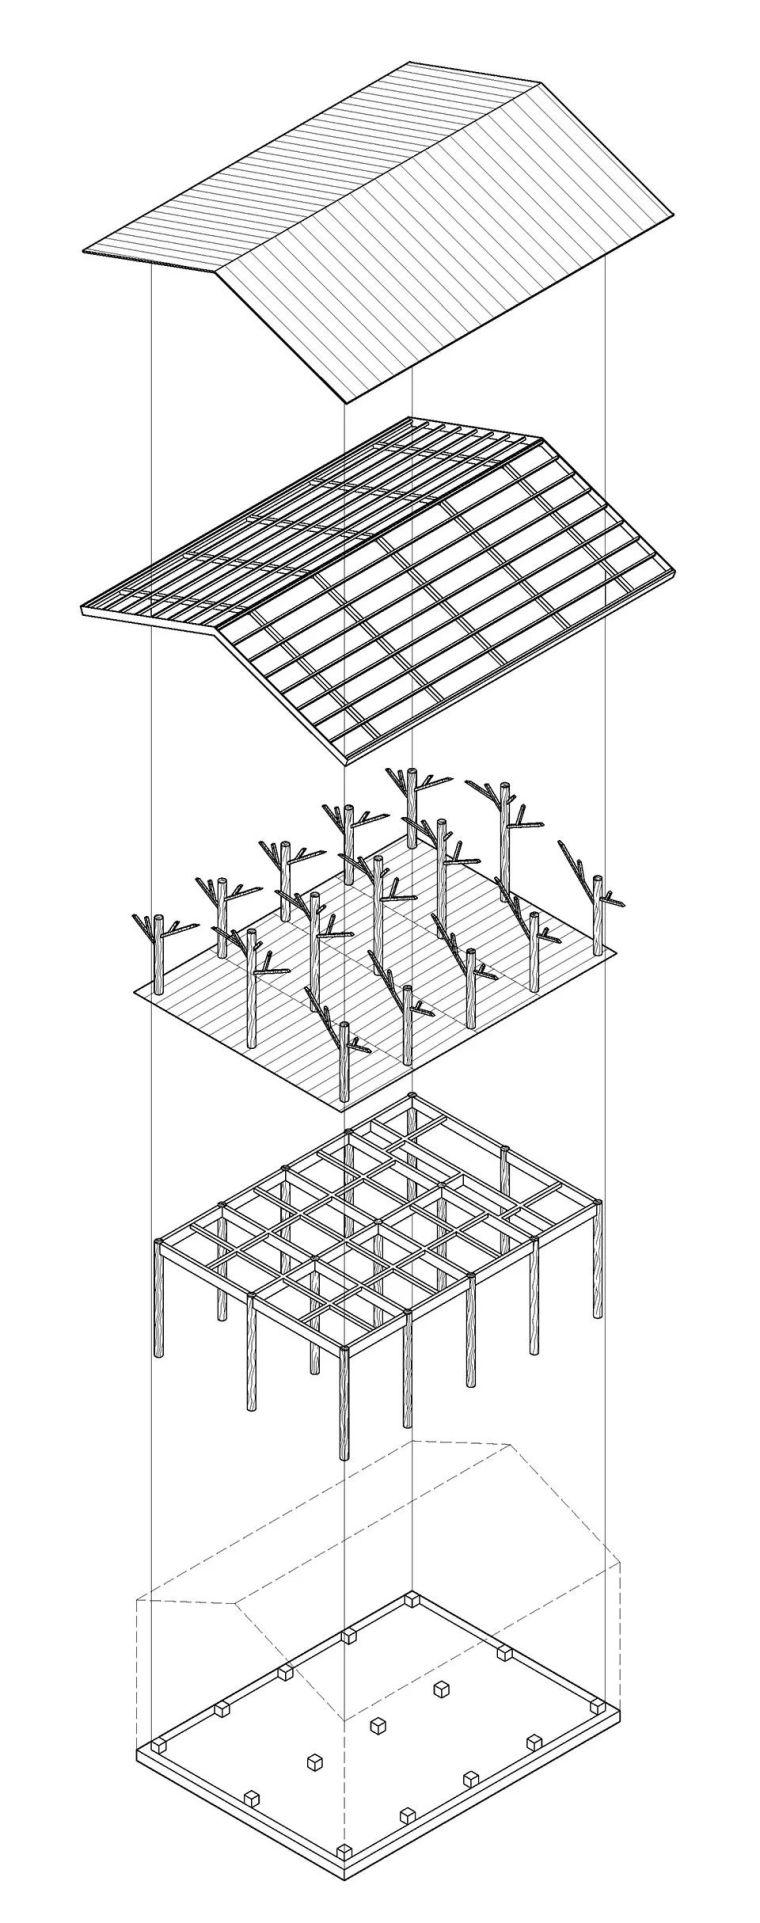 25个农村改造案例,这样的设计正能量爆棚_127